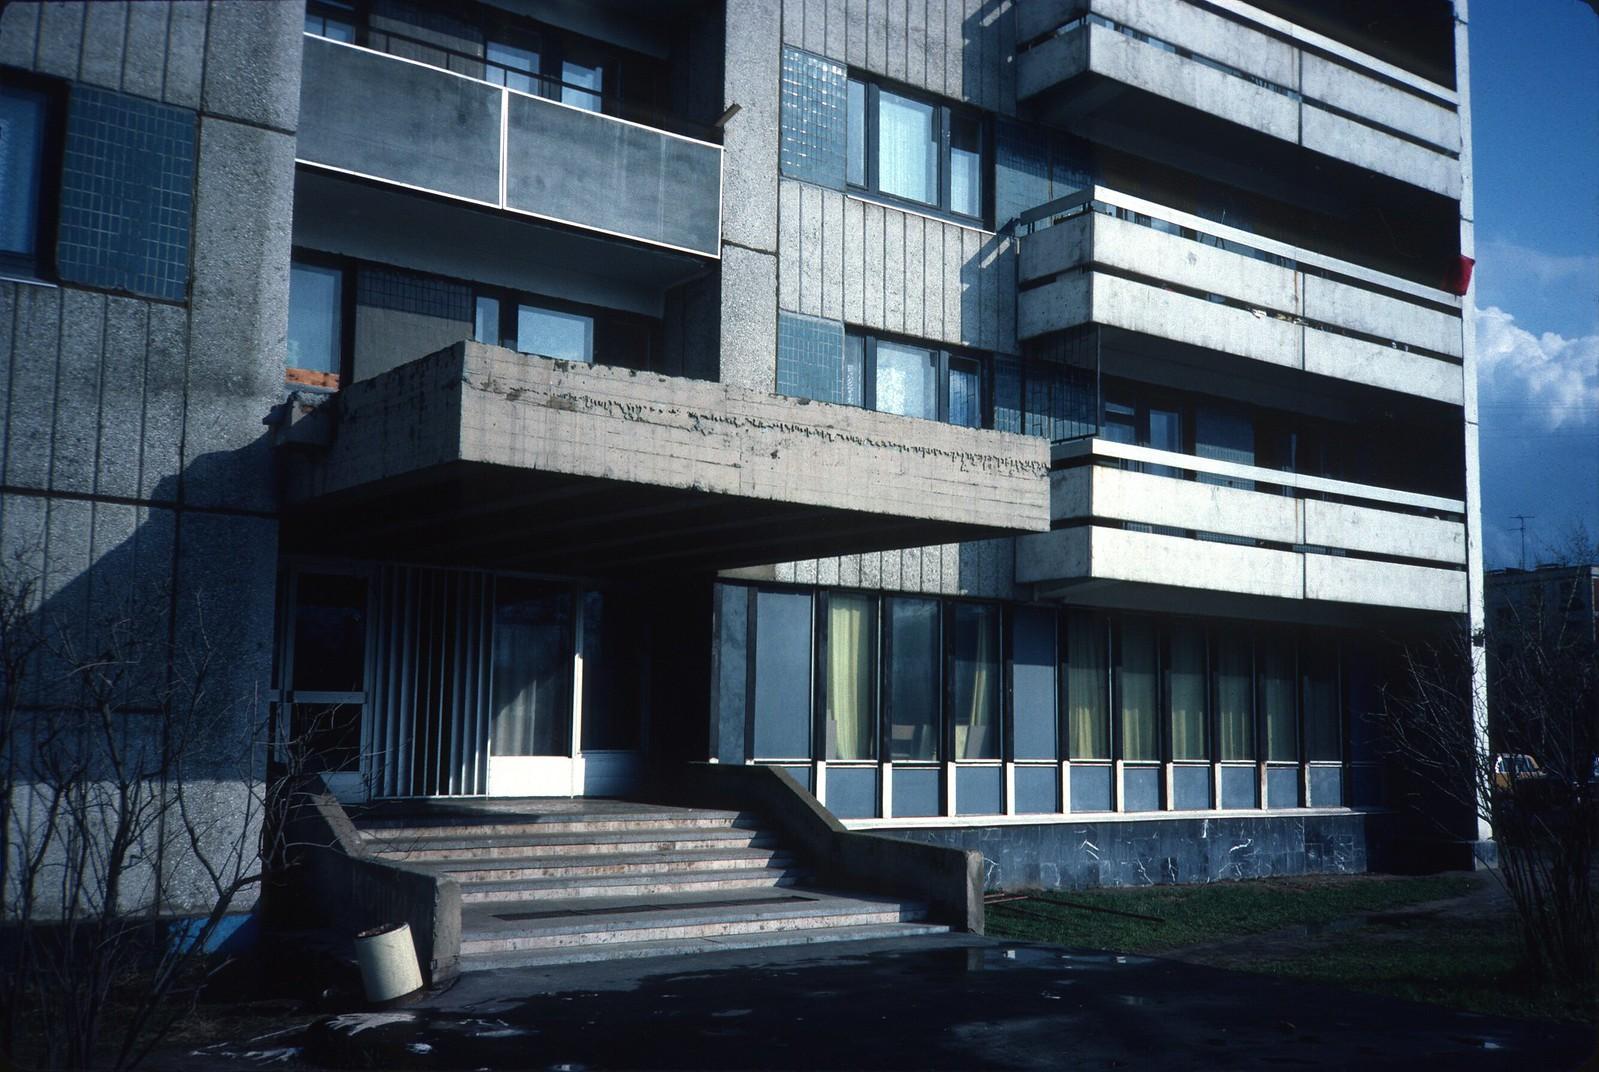 Проспект Маршала Жукова 31. Западный вход